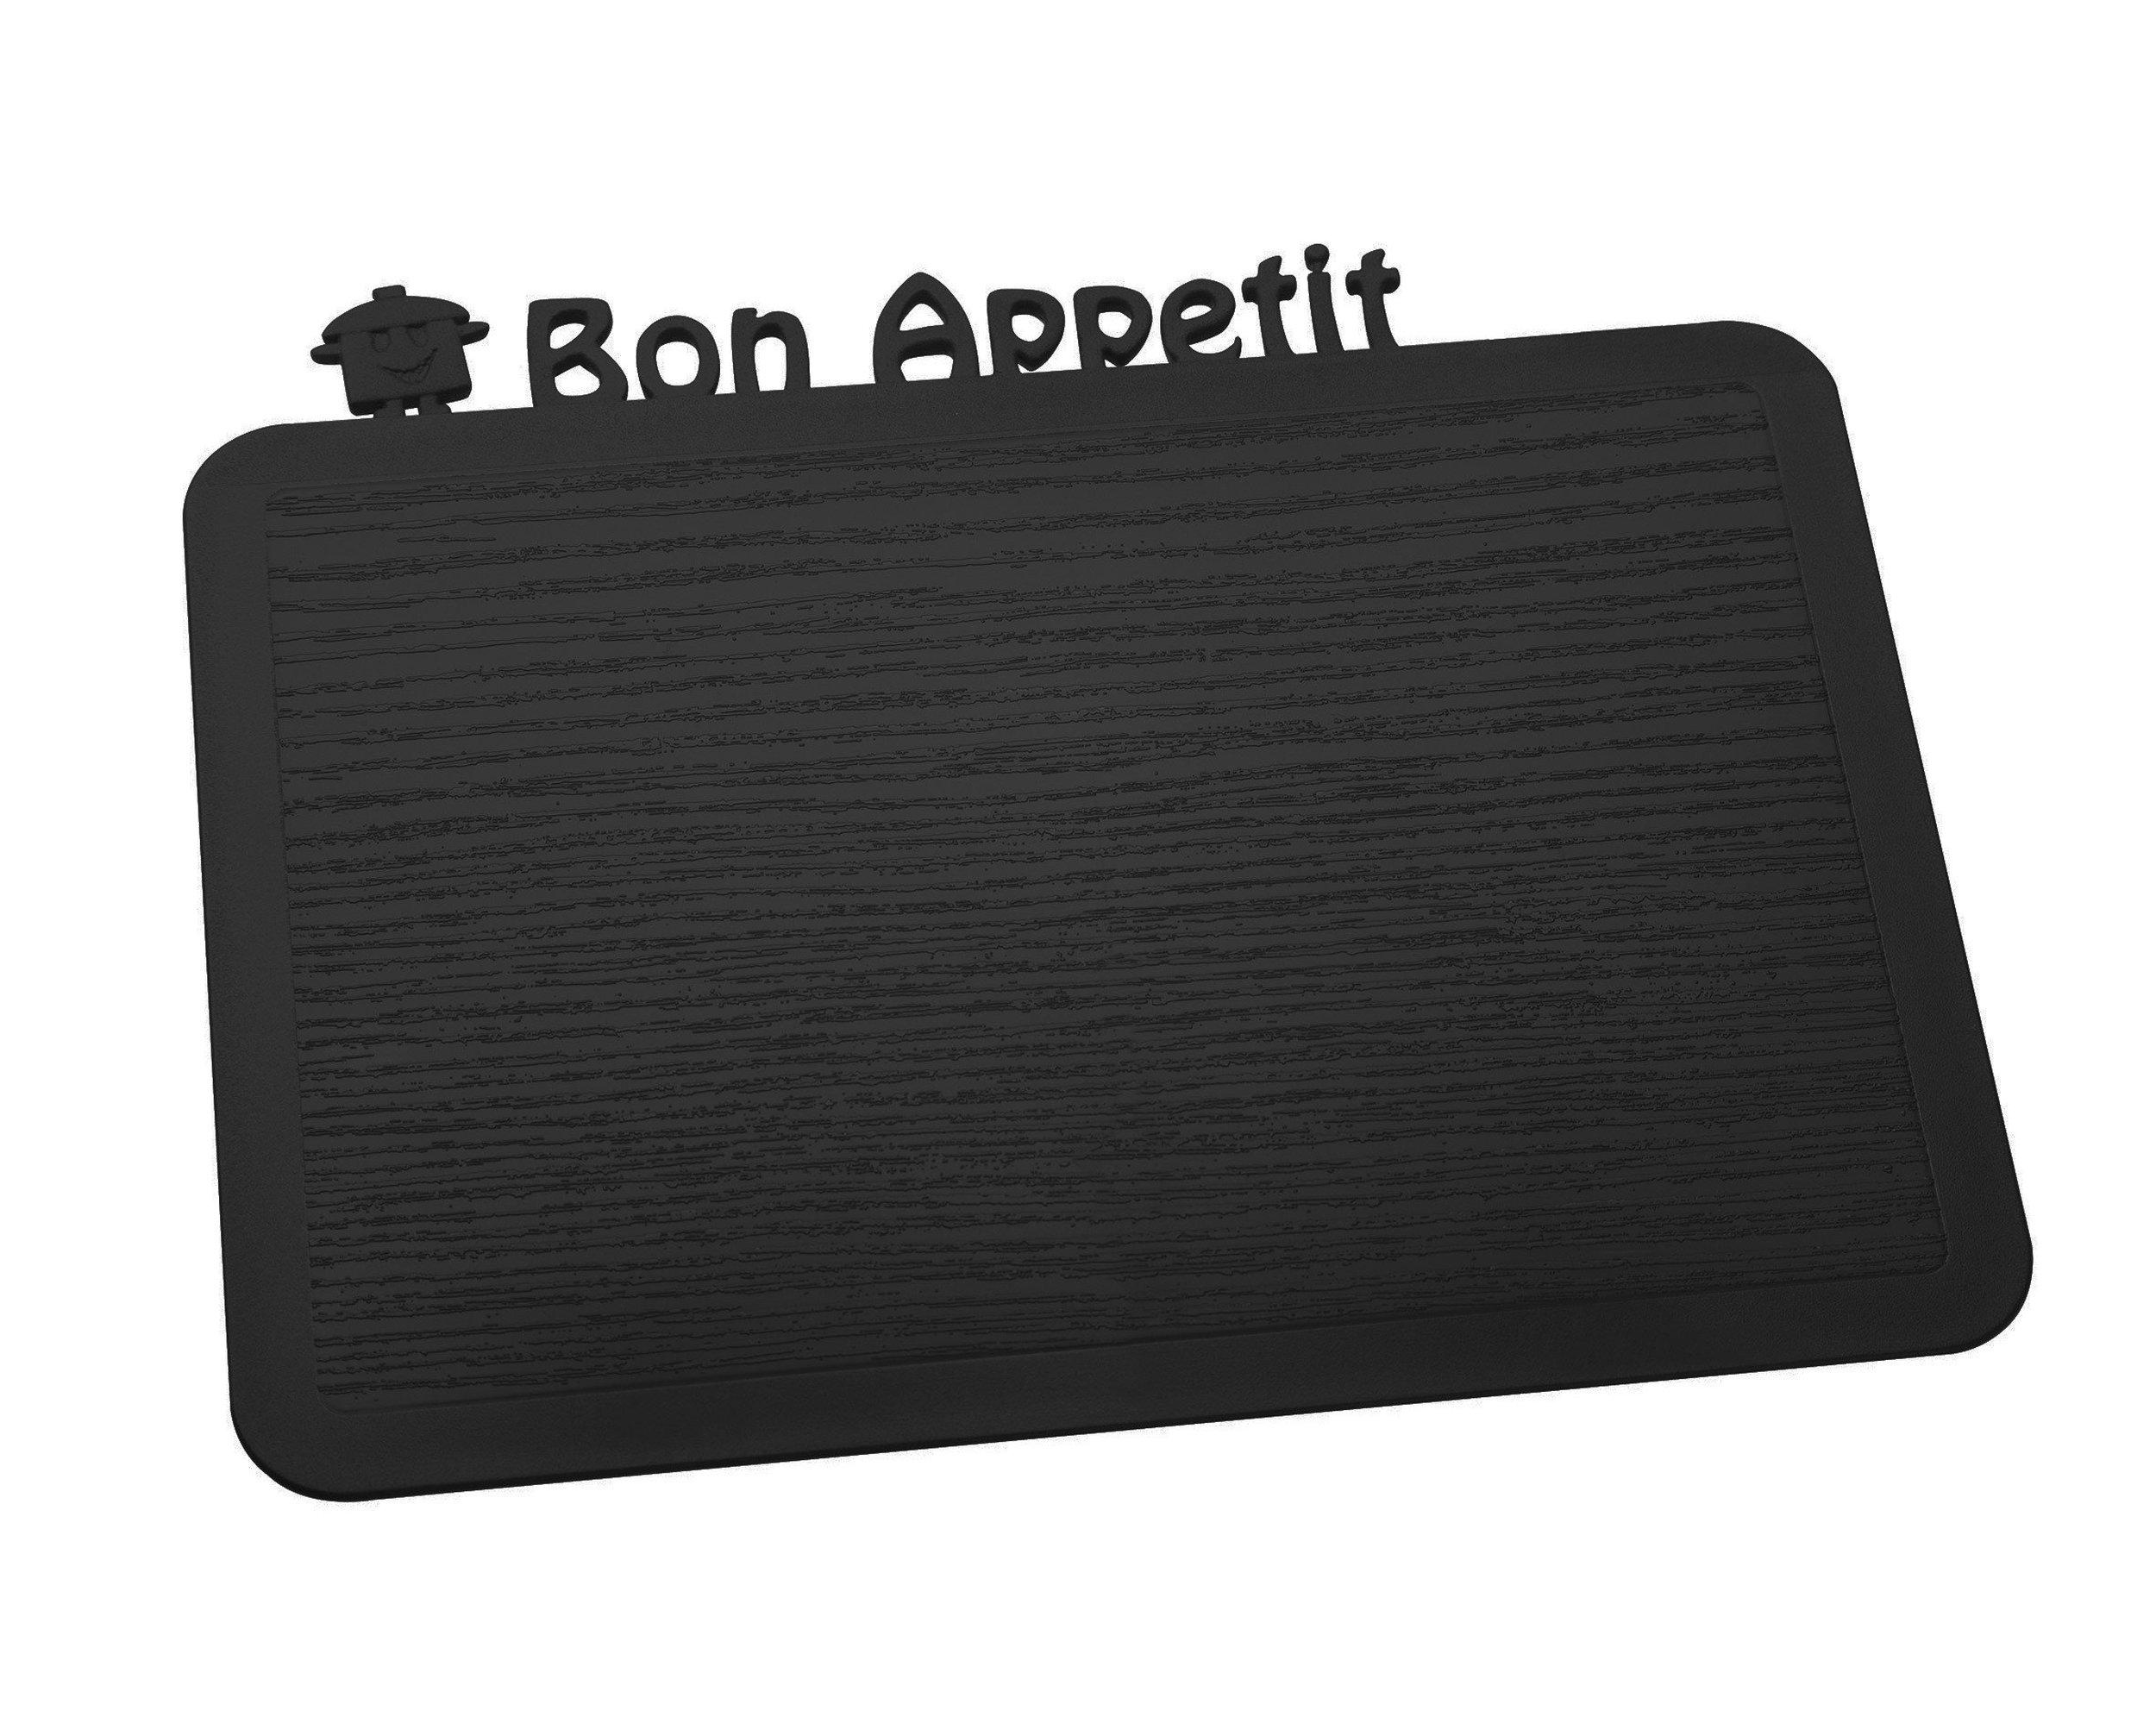 Deska śniadaniowa Happy Boards Bon Appetit czarna